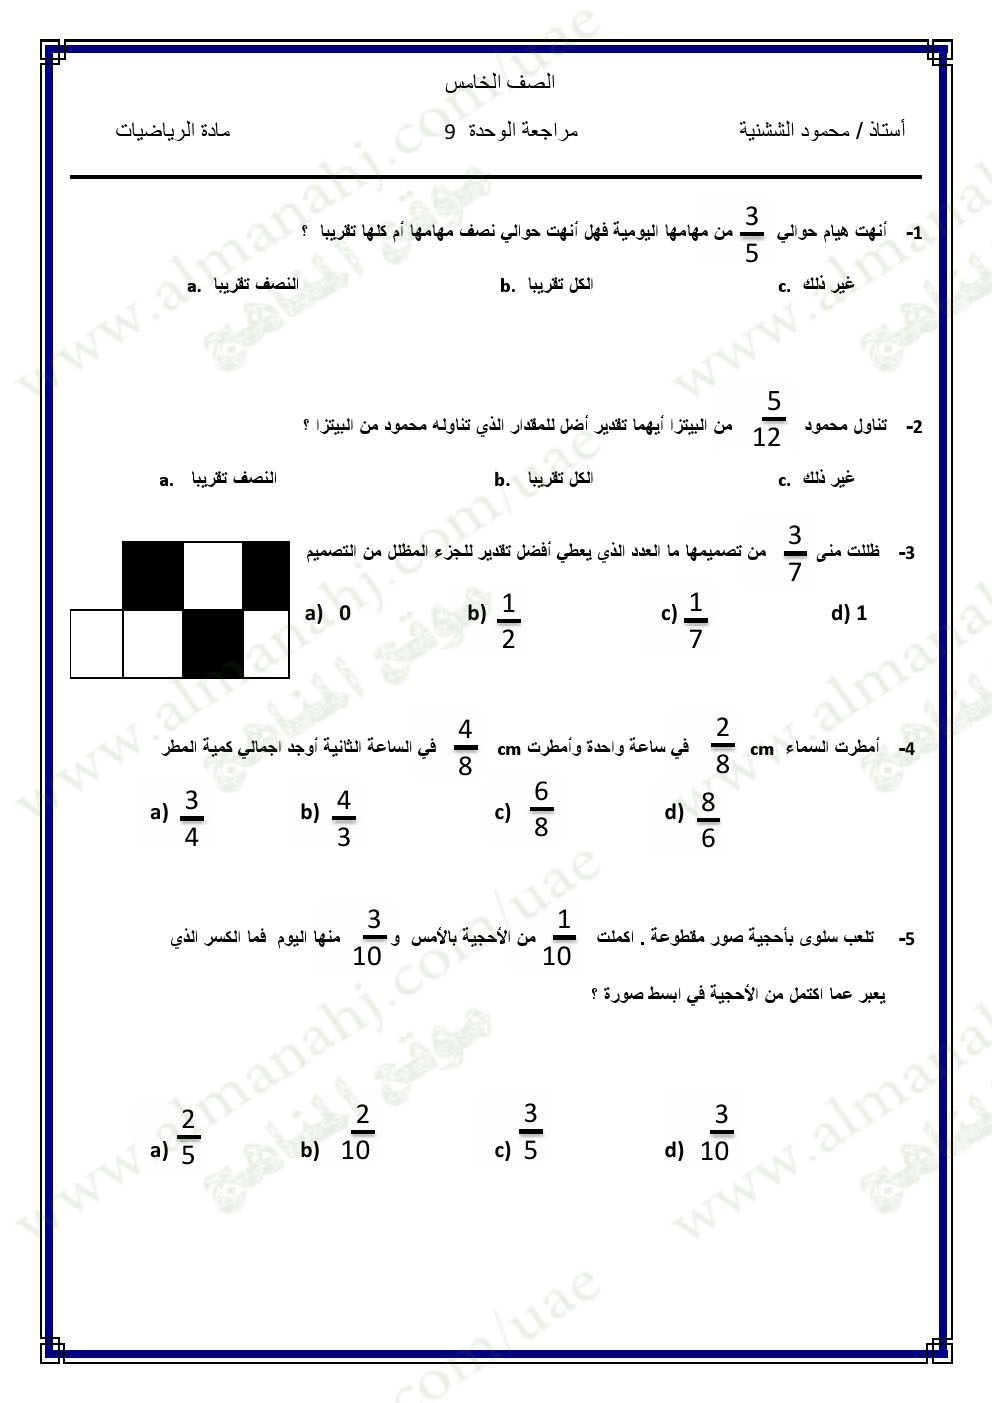 إختبار الوحدتين الثامنة والتاسعة من رياضيات للصف الخامس